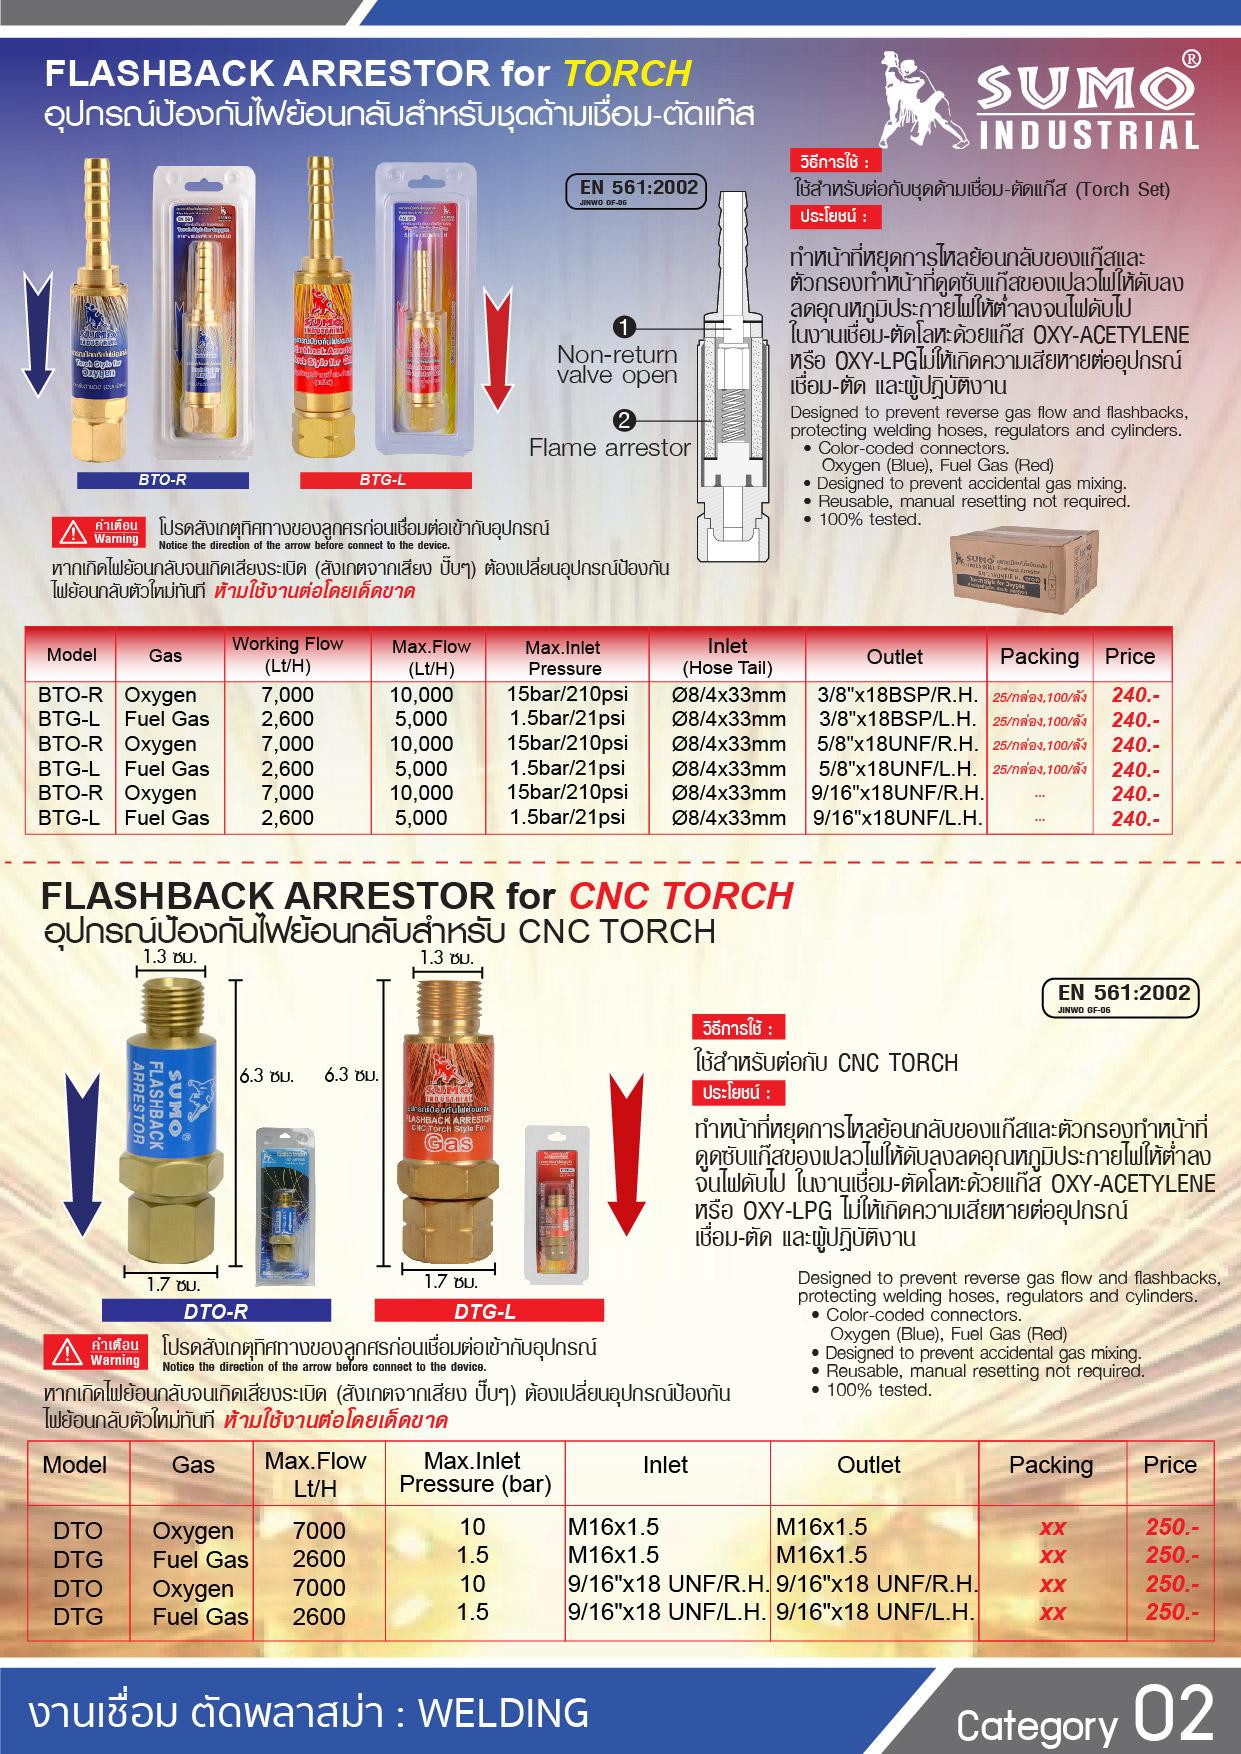 (173/239) อุปกรณ์ป้องกันไฟย้อนกลับ Flashback arrestor